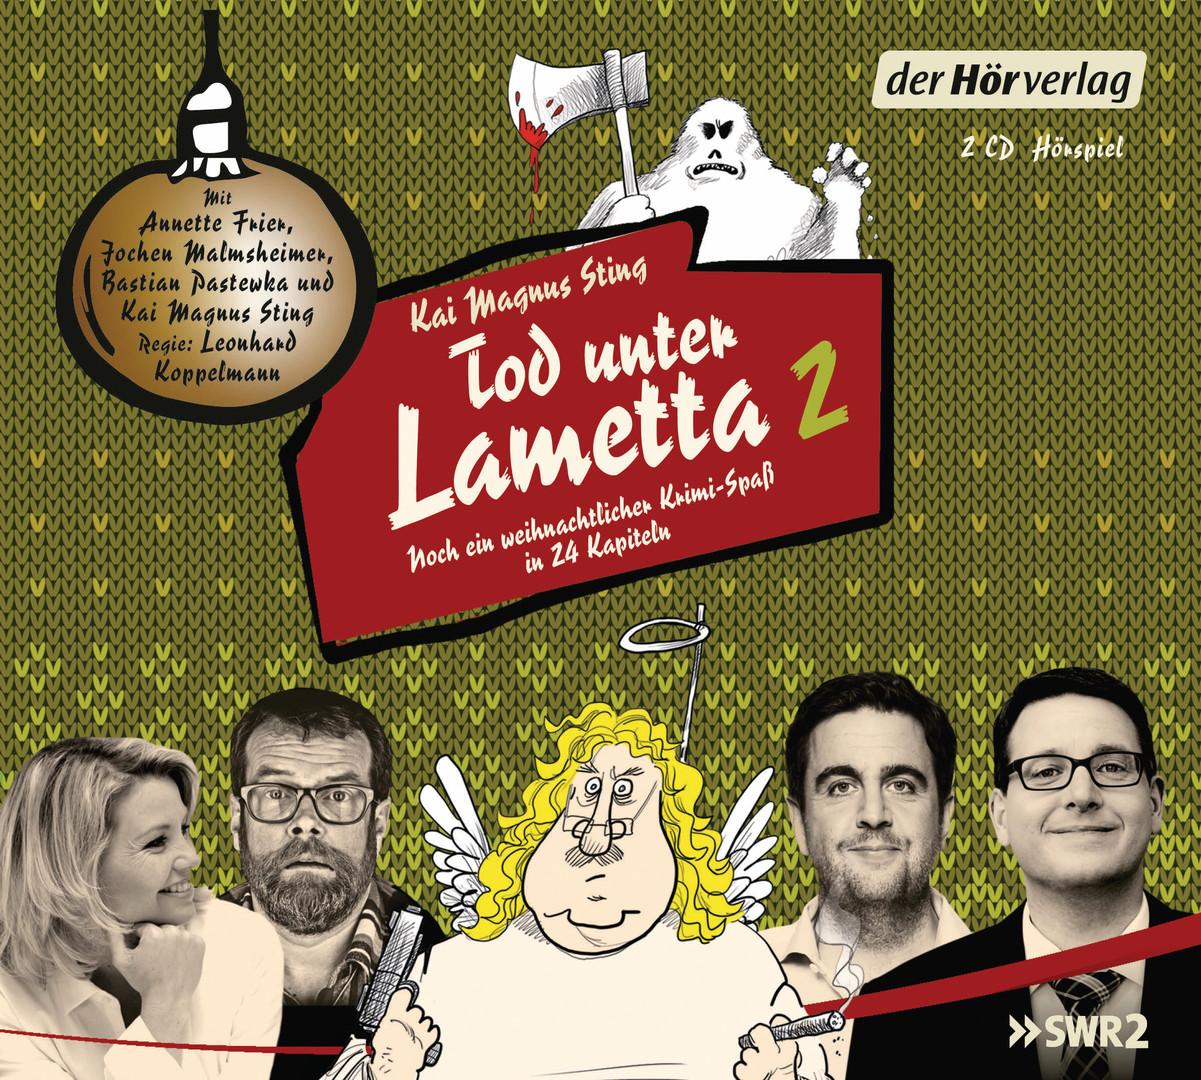 Tod unter Lametta 2: Ein weihnachtlicher Krimi-Spaß in 24 Kapiteln